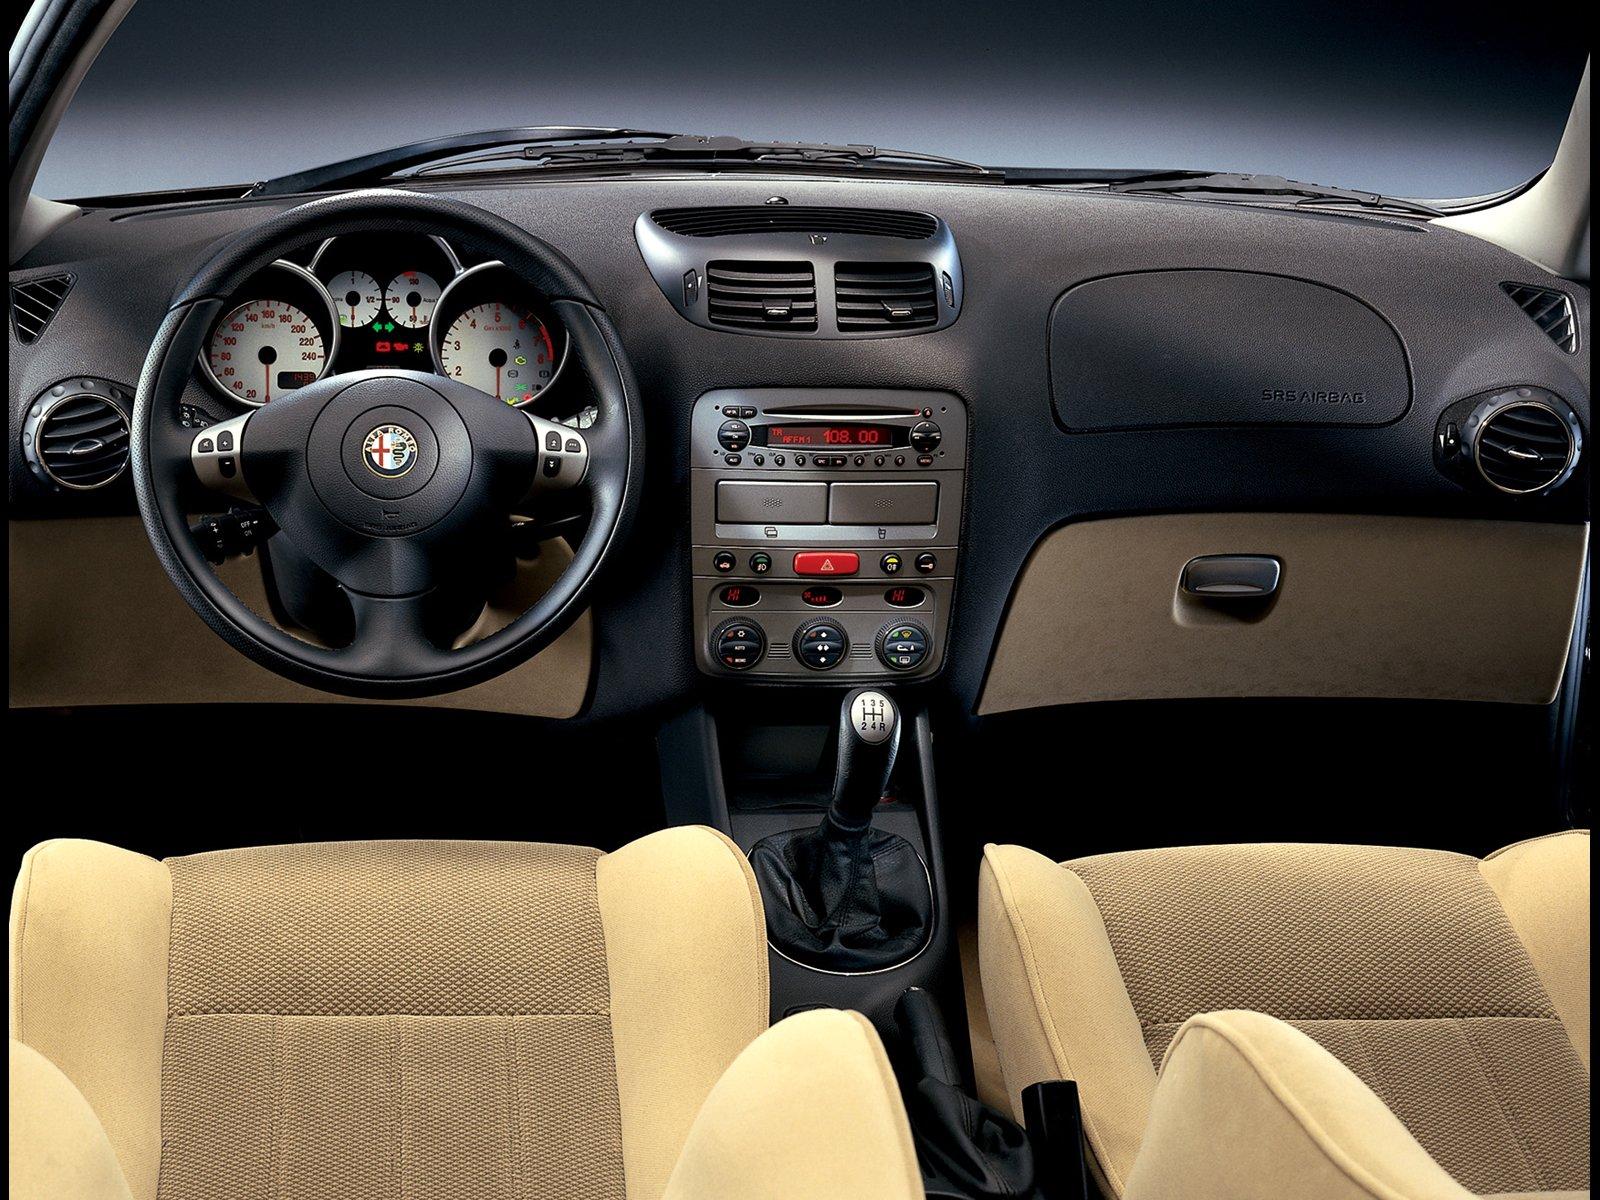 Alfa romeo giulietta sportiva 2013 review 15